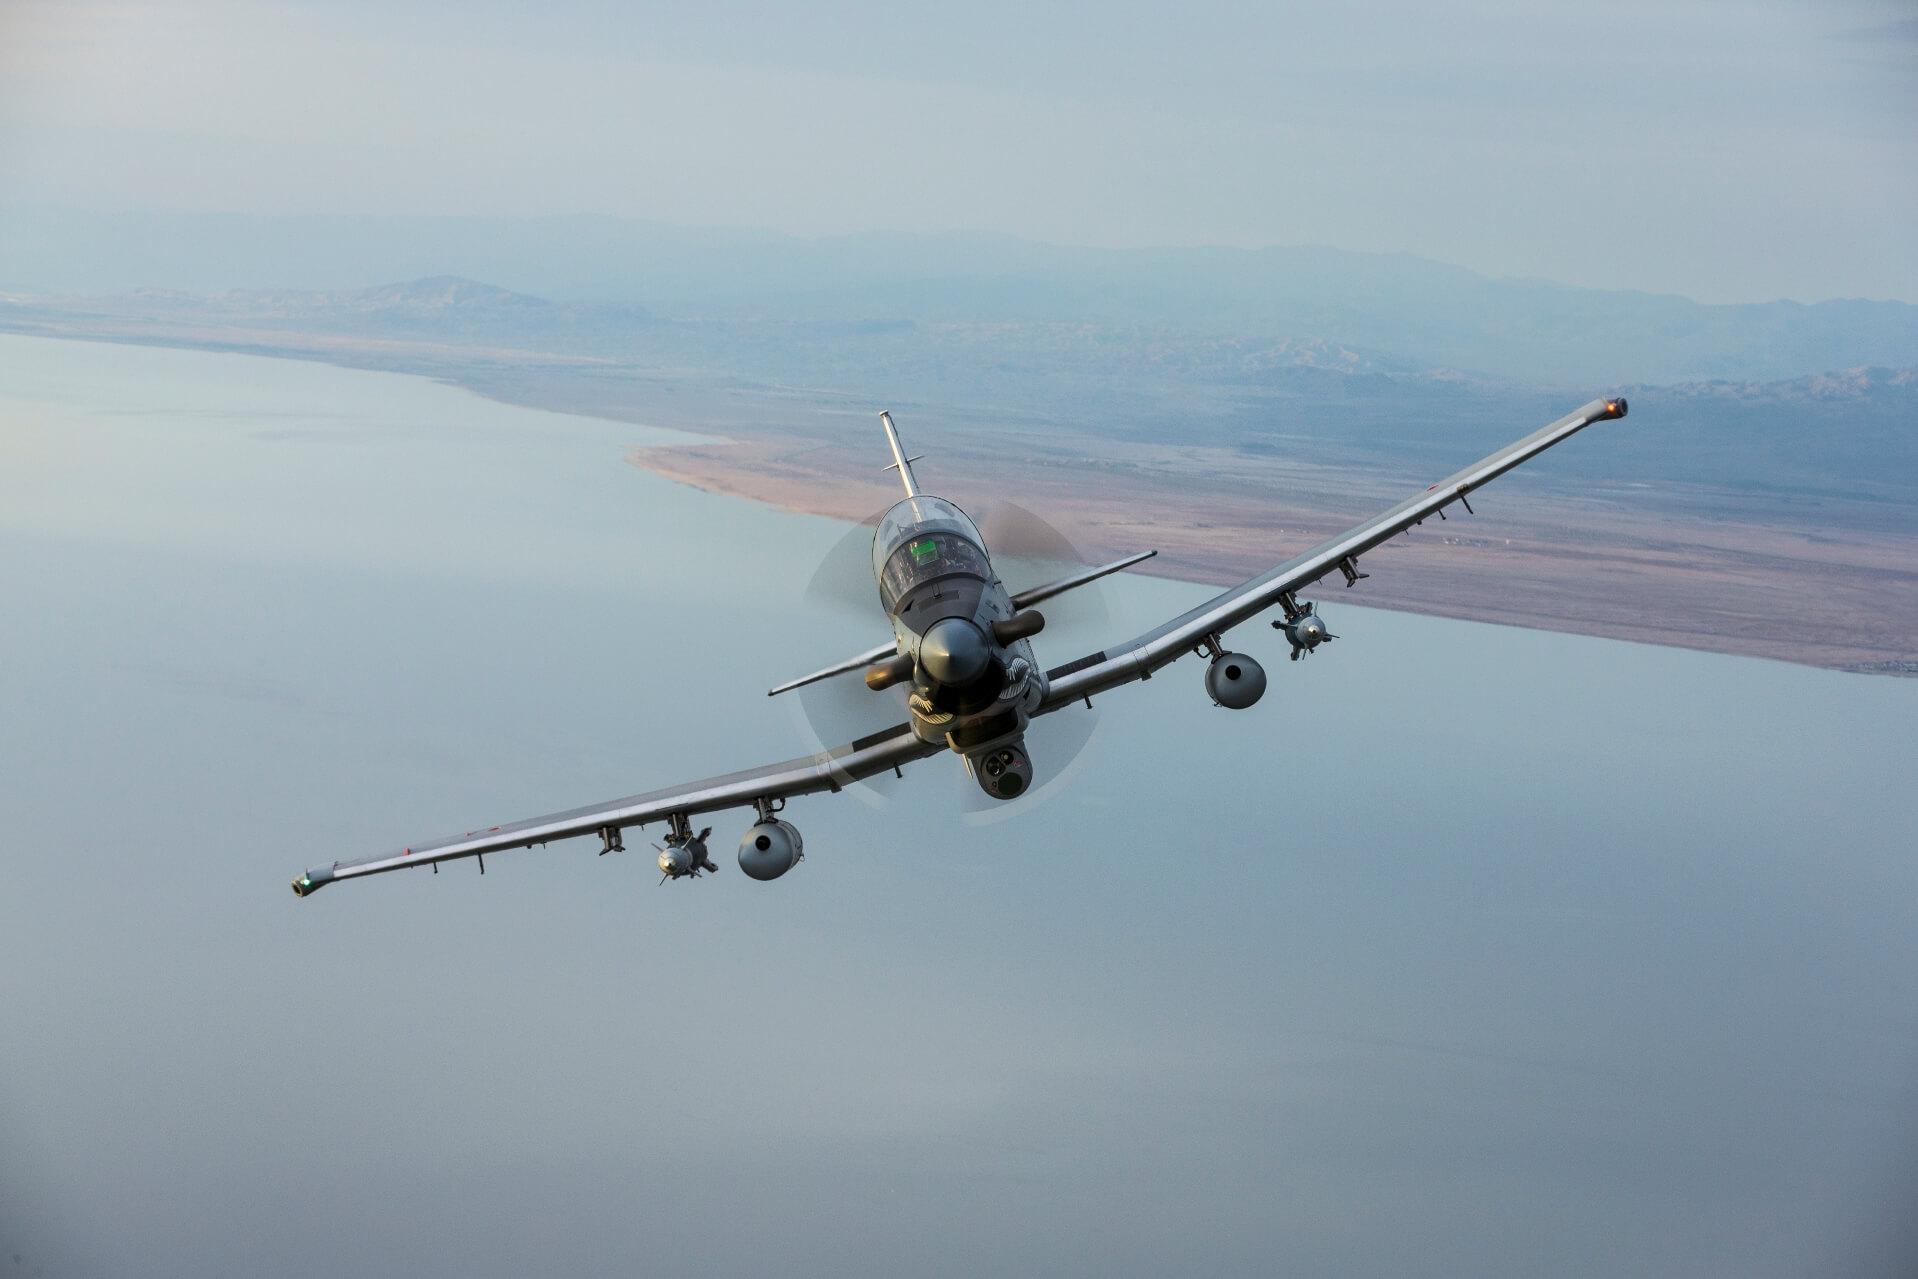 Лесни борбени авиони - Пропелери - Page 2 At-6_newsroom_5